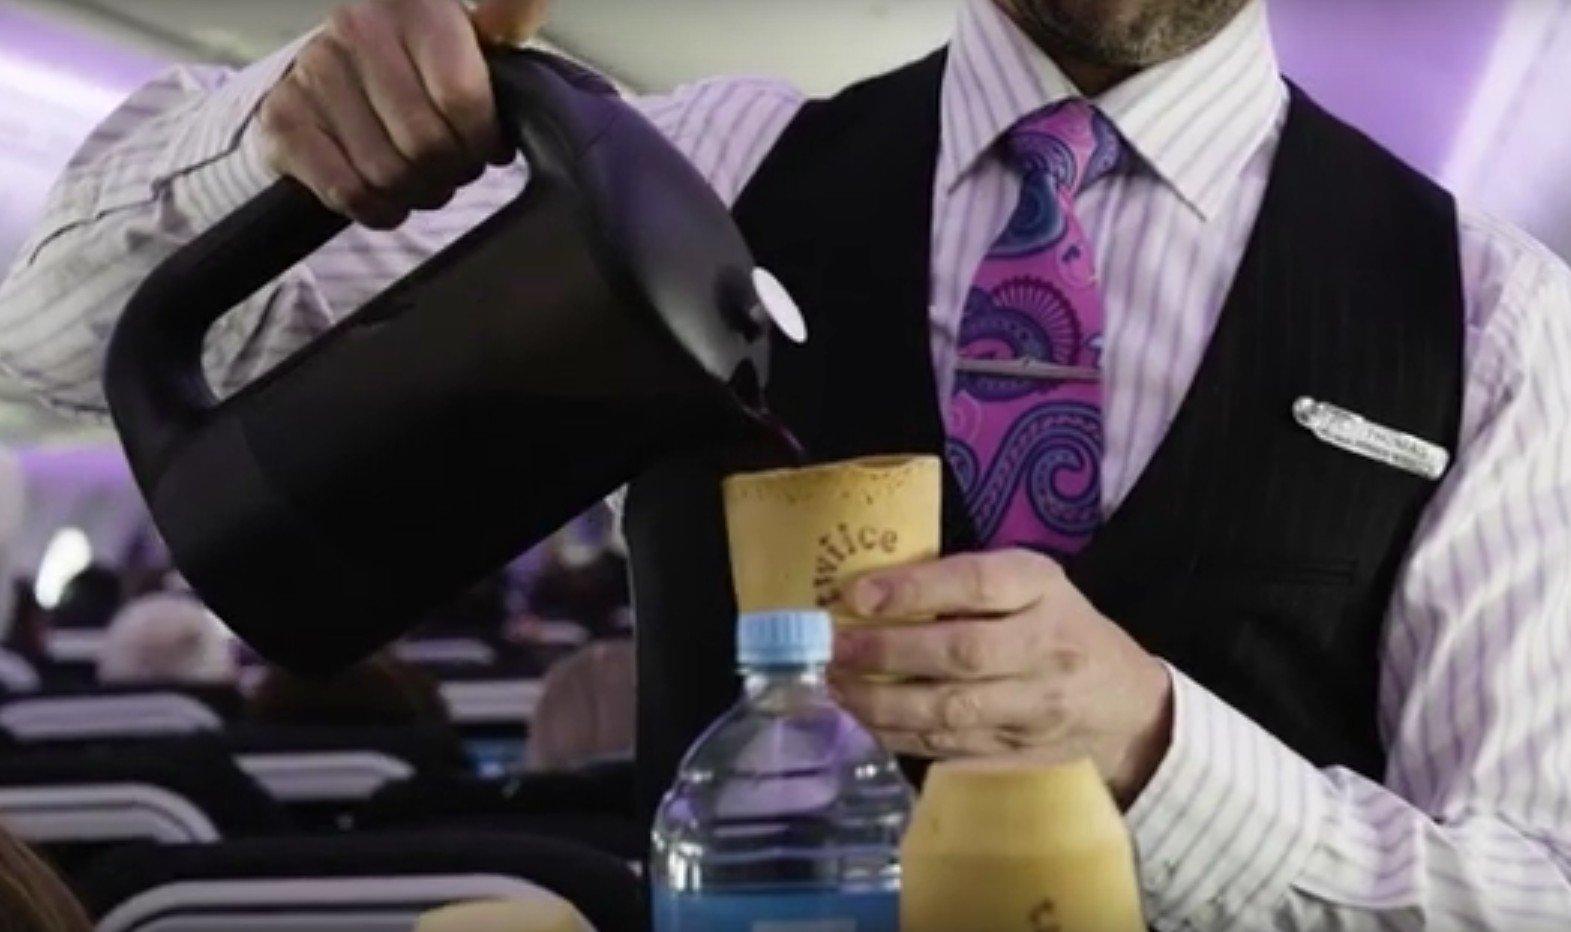 在航班上,空中服務員用可食用杯子給乘客斟咖啡。乘客飲完咖啡,可以把咖啡杯一齊吃掉。(影片截圖)